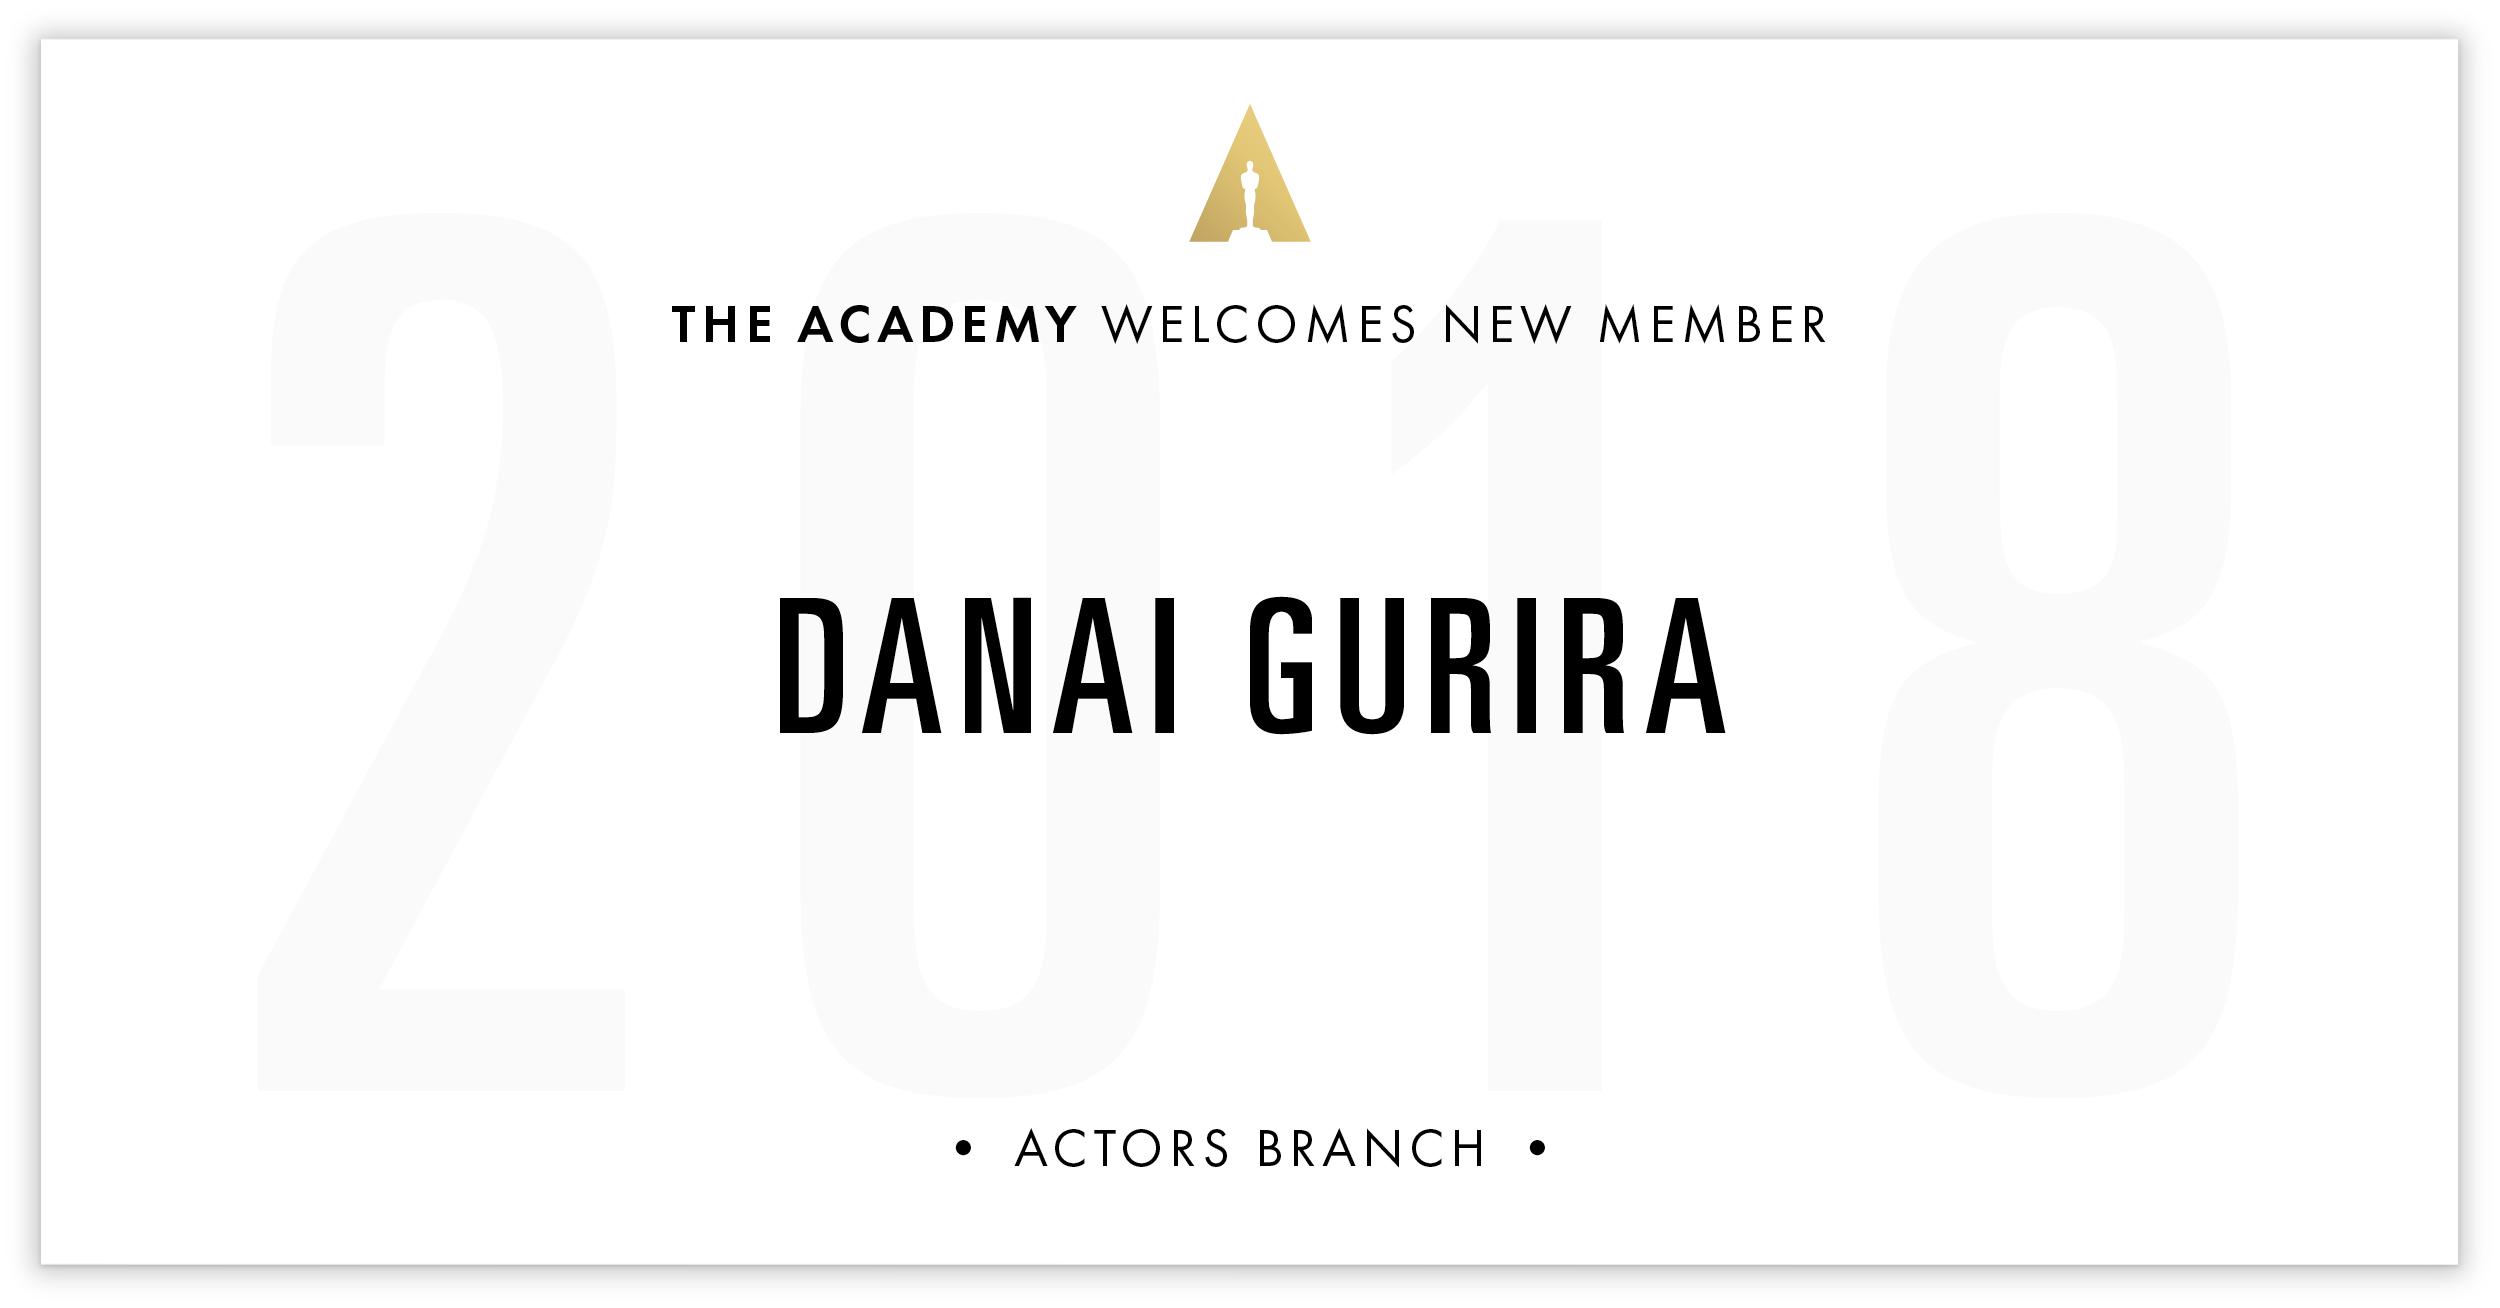 Danai Gurira is invited!